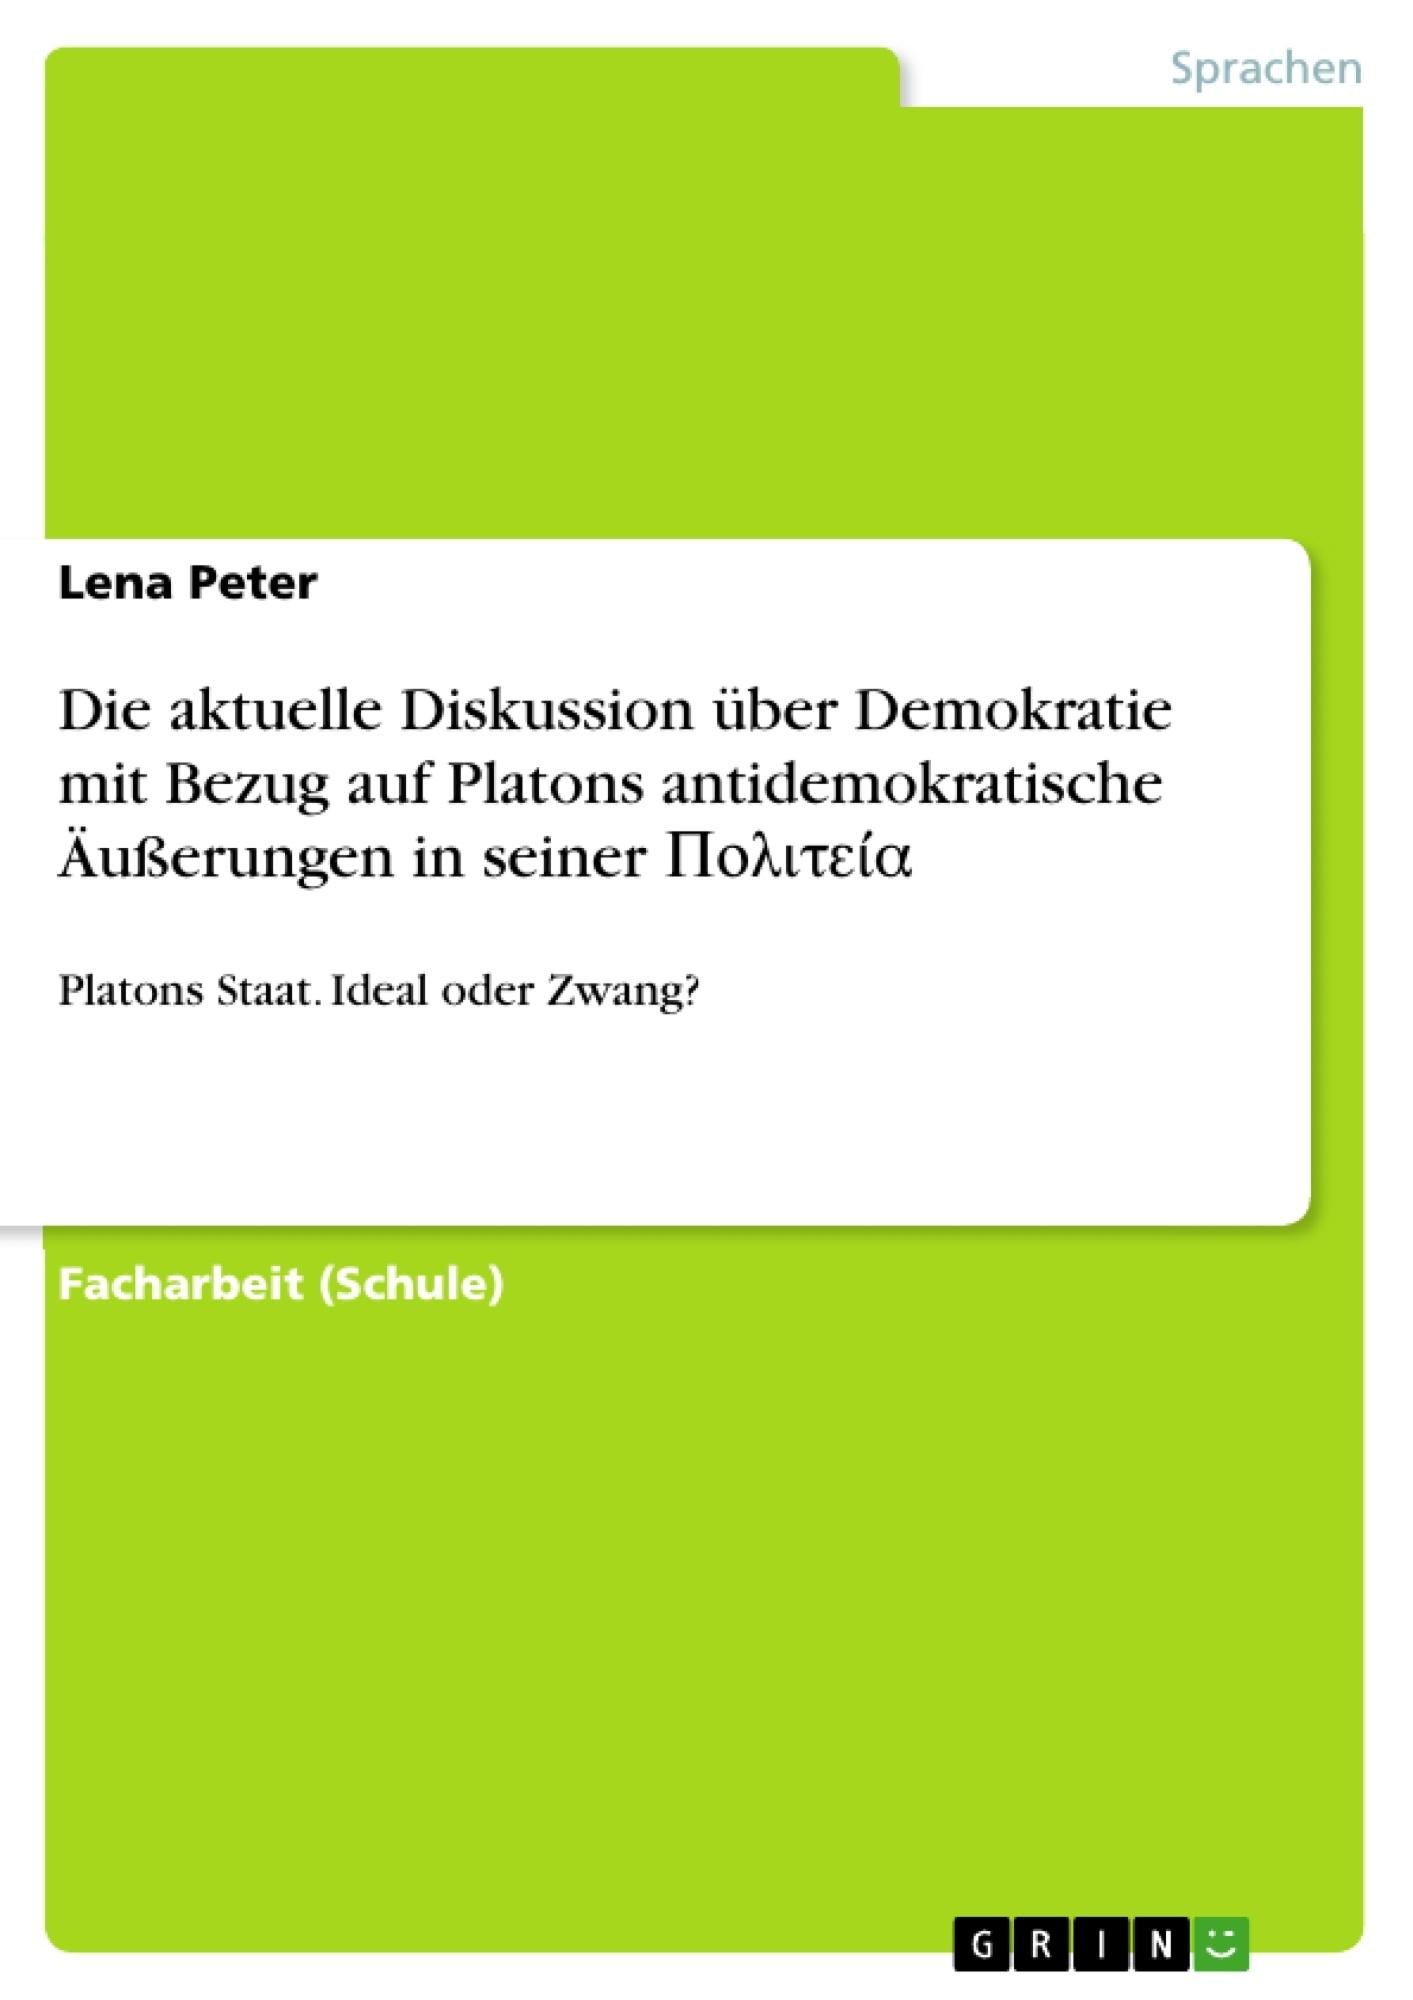 Titel: Die aktuelle Diskussion über Demokratie mit Bezug auf Platons antidemokratische Äußerungen in seiner Πολιτεία